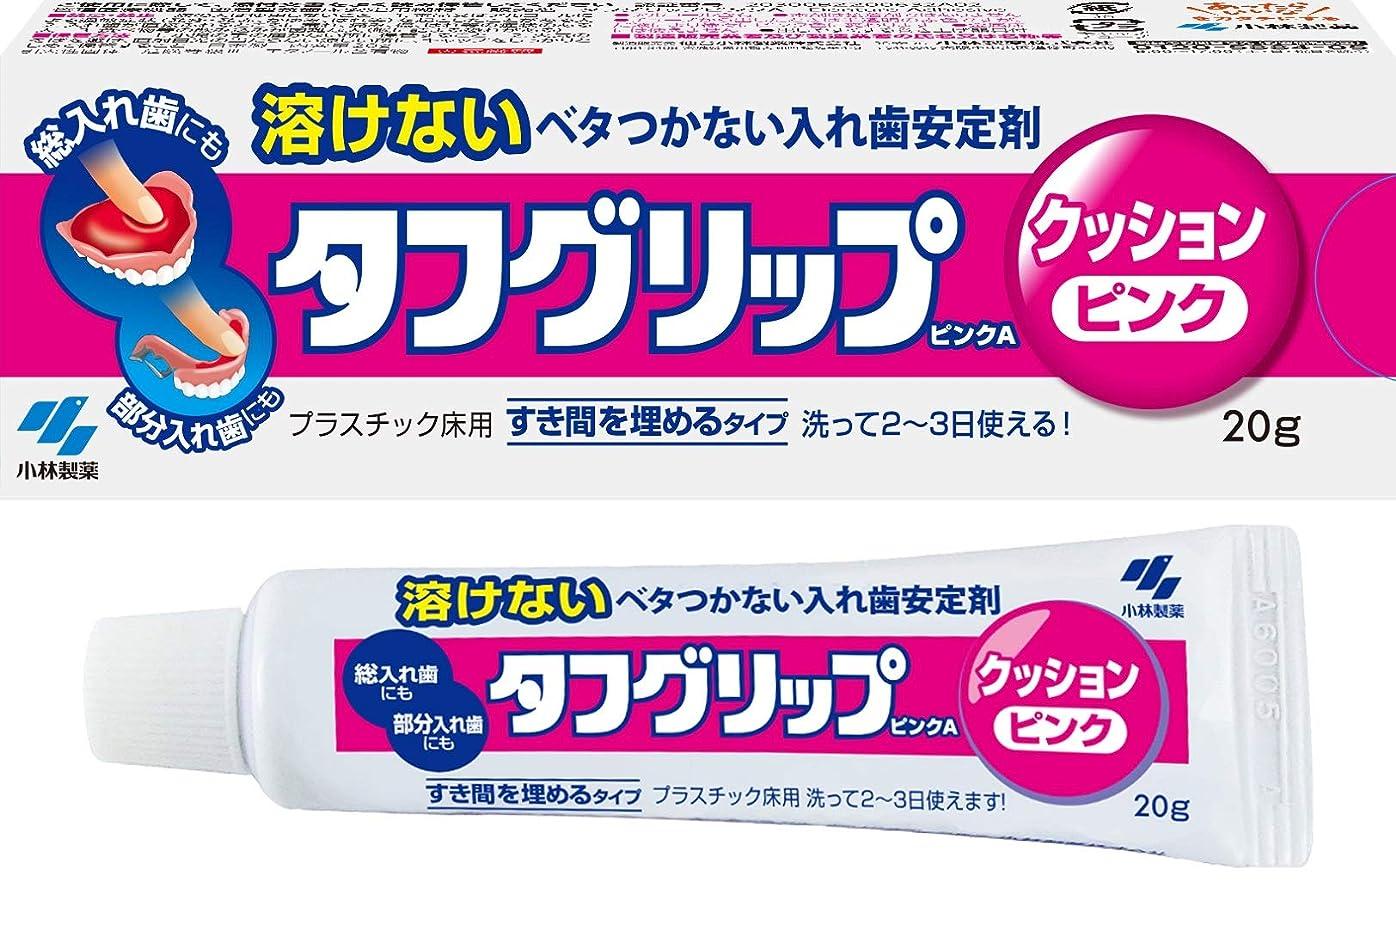 衰える対平凡タフグリップクッション ピンク 入れ歯安定剤(総入れ歯?部分入れ歯) 20g